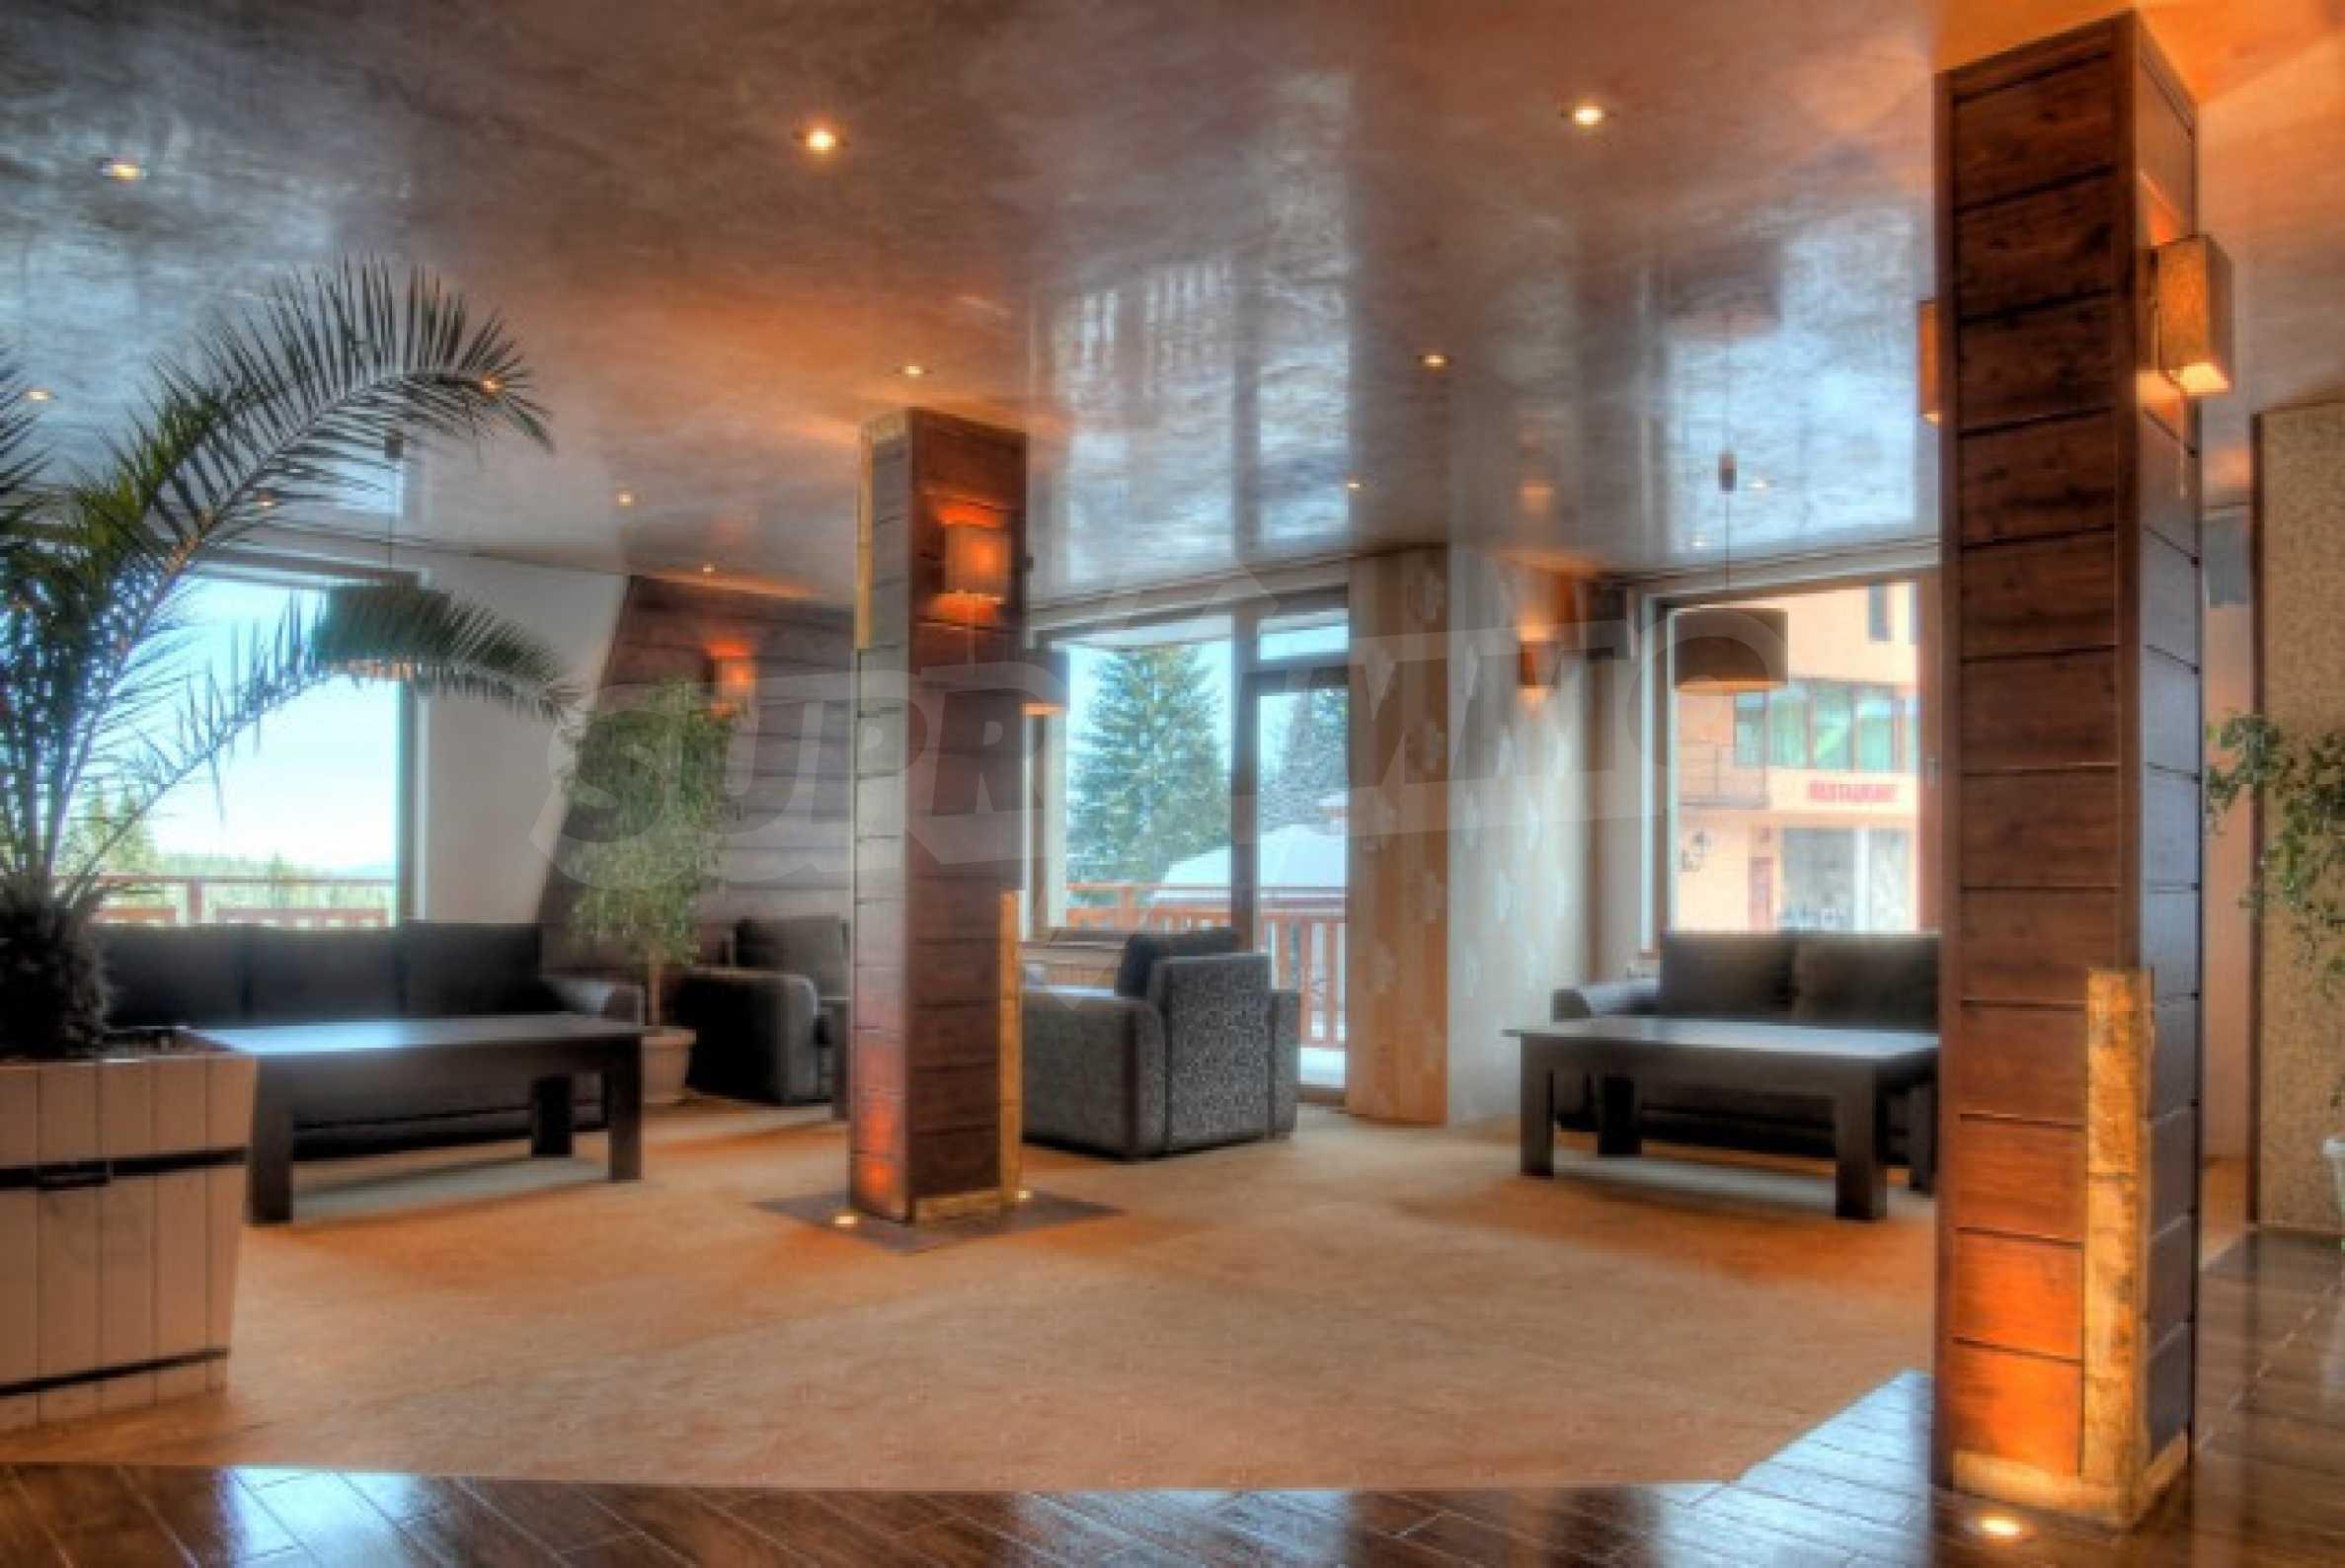 Апартаменти на атрактивни цени в планински ваканционен комплекс в Пампорово 9